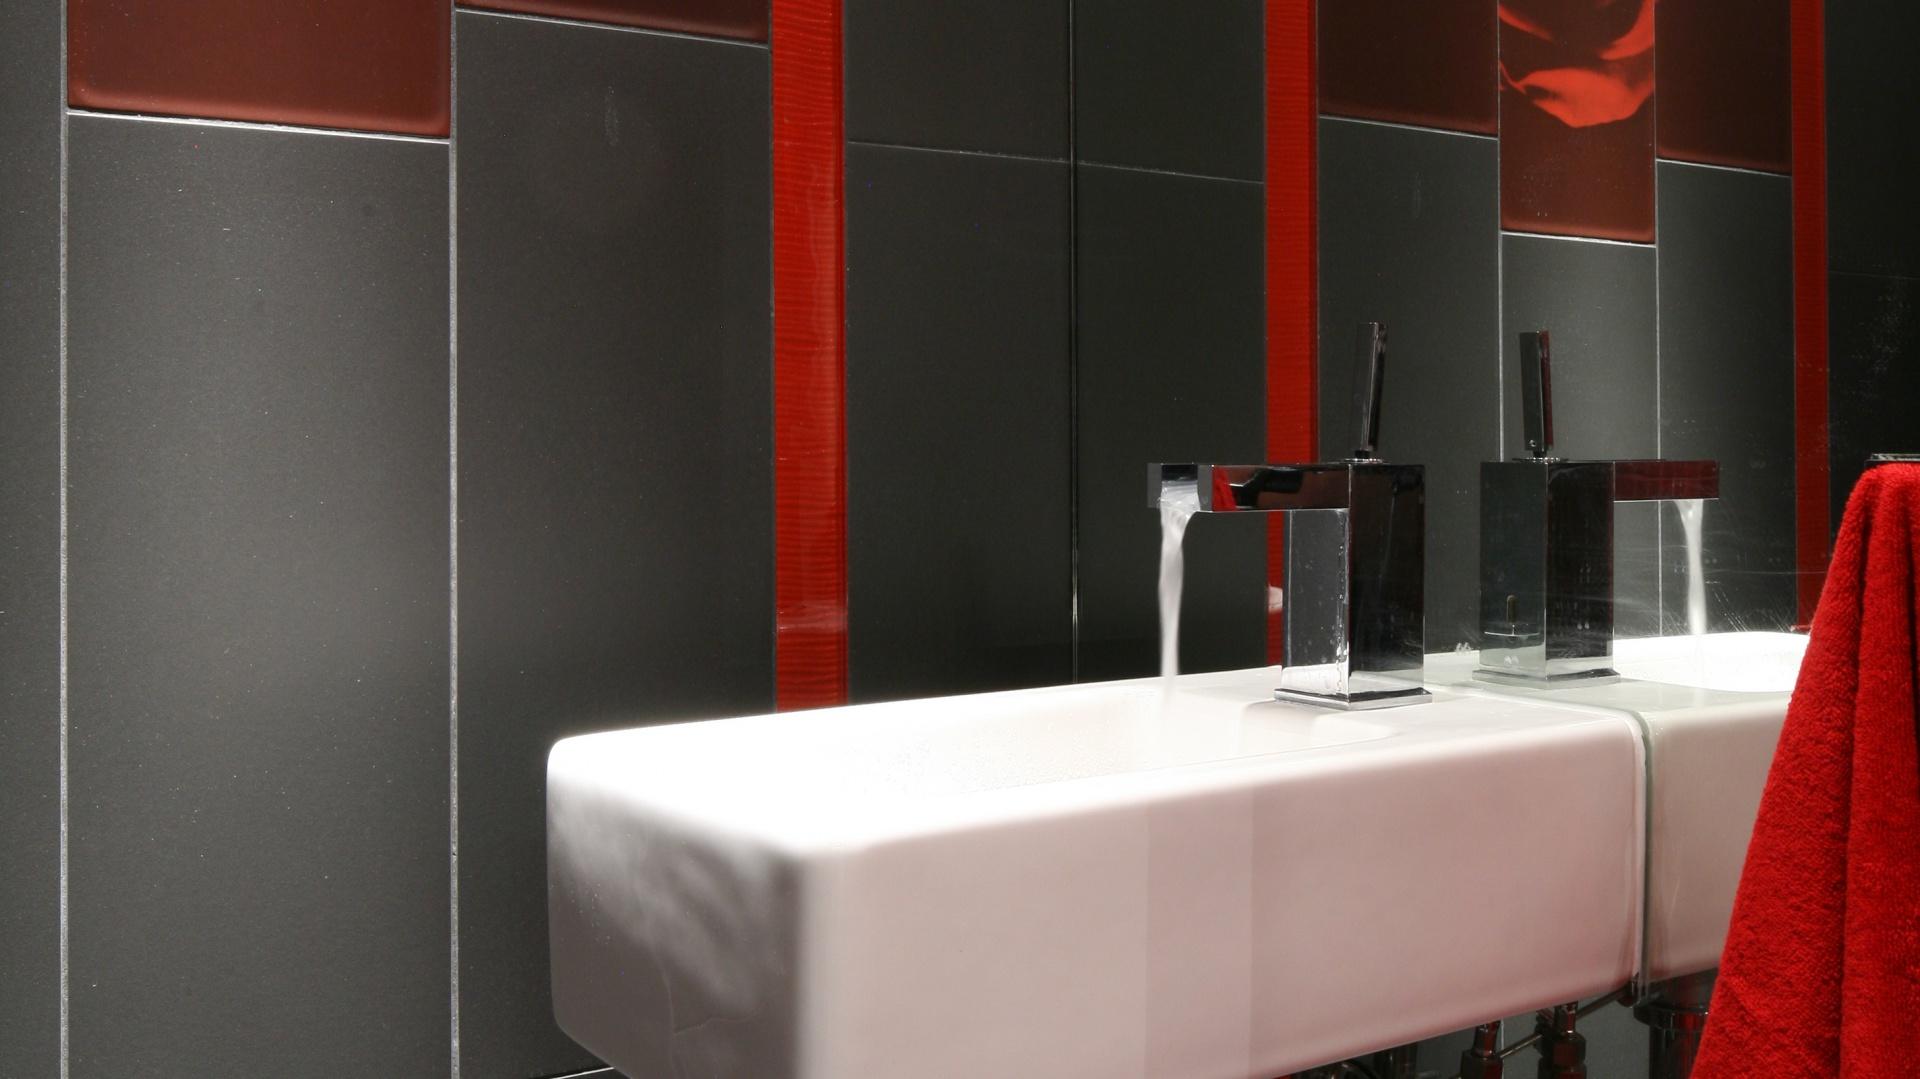 Specjalnie z myślą o małych łazienkach producenci polecają modele ceramiki sanitarnej, które sprawdzają się w niewielkich przestrzeniach. Projekt: Małgorzata Szajbel-Żukowska, Maria Żychiewicz. Fot. Bartosz Jarosz.